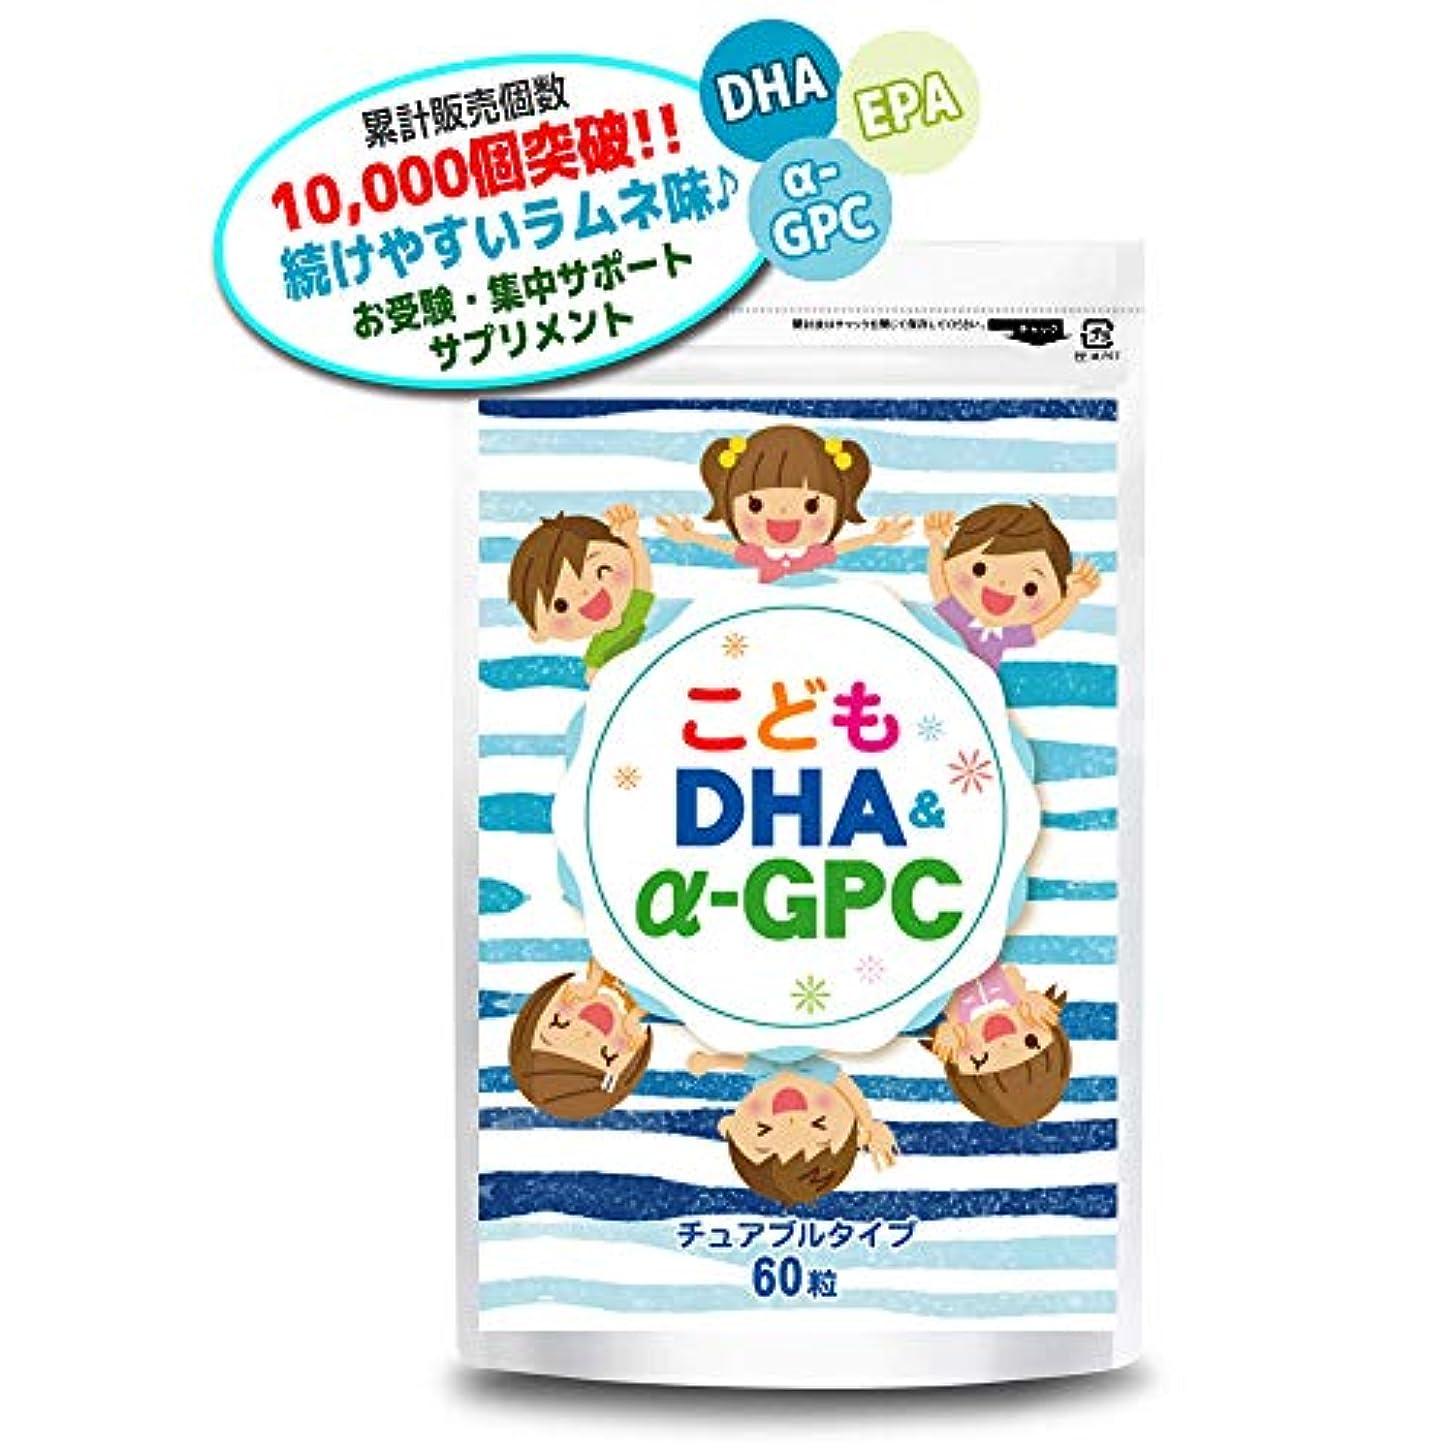 朝ごはん付き添い人追放するこども DHA&α-GPC DHA EPA α-GPC ホスファチジルセリン 配合 【集中?学習特化型サプリメント】 60粒約30日分